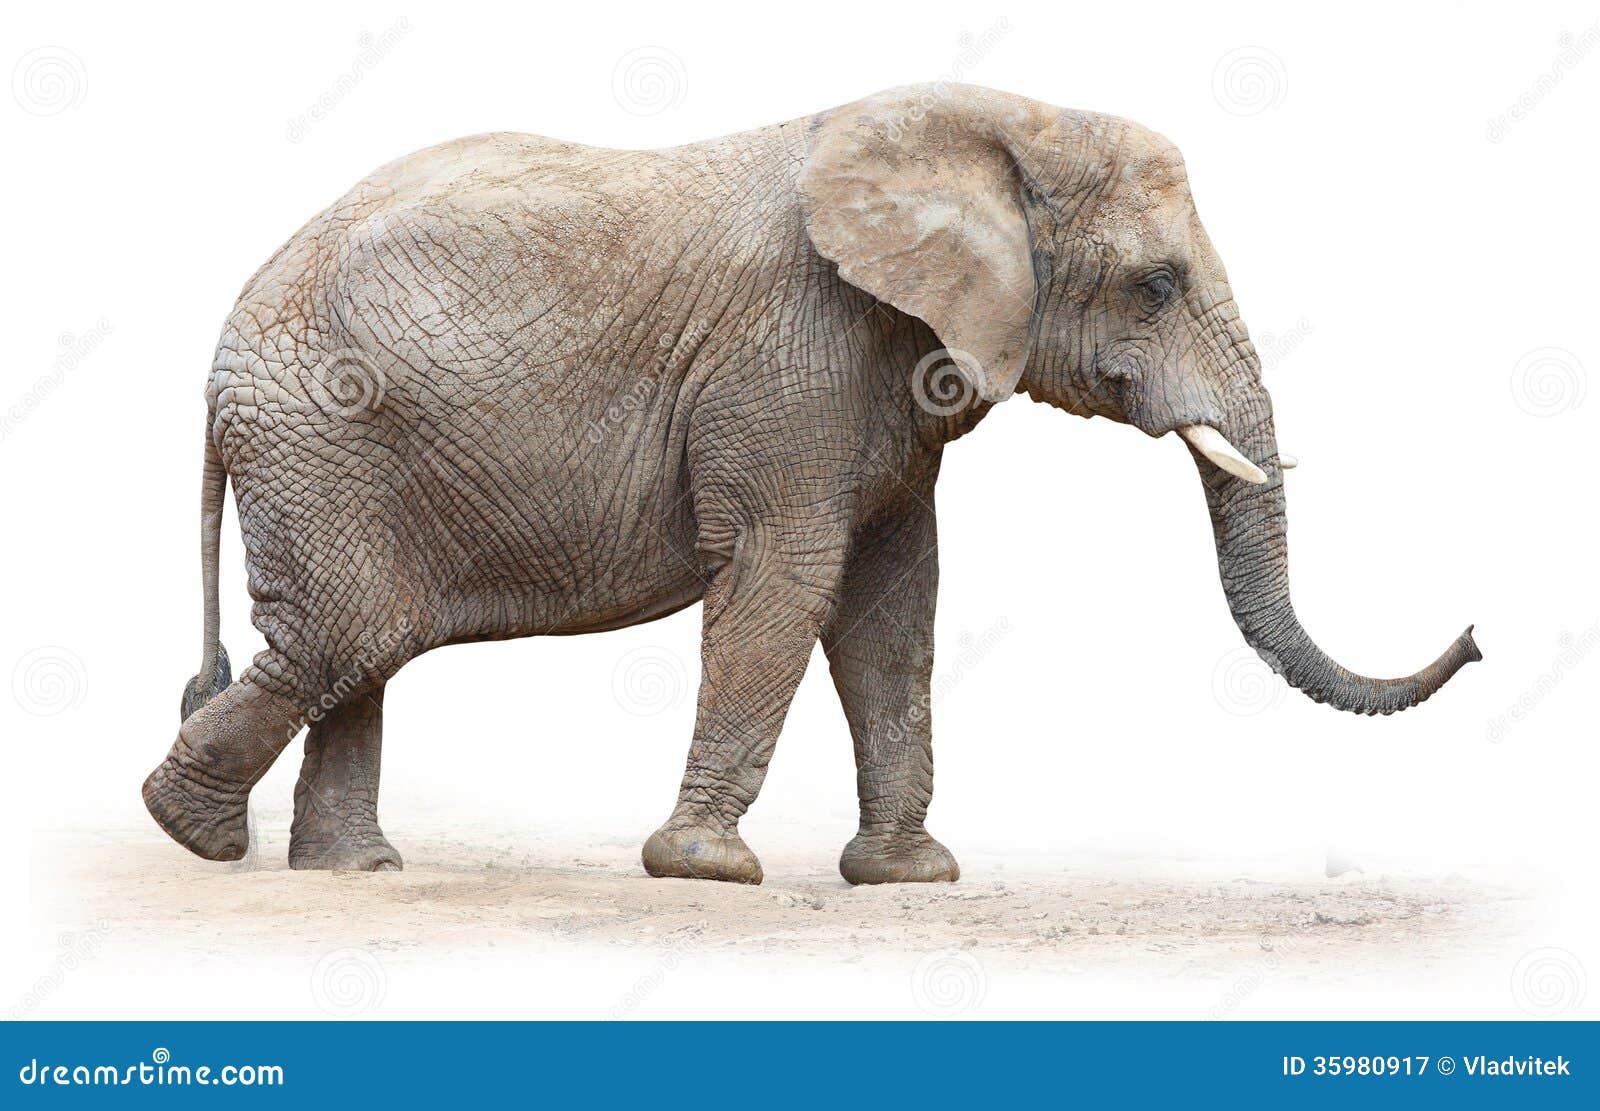 非洲大象。